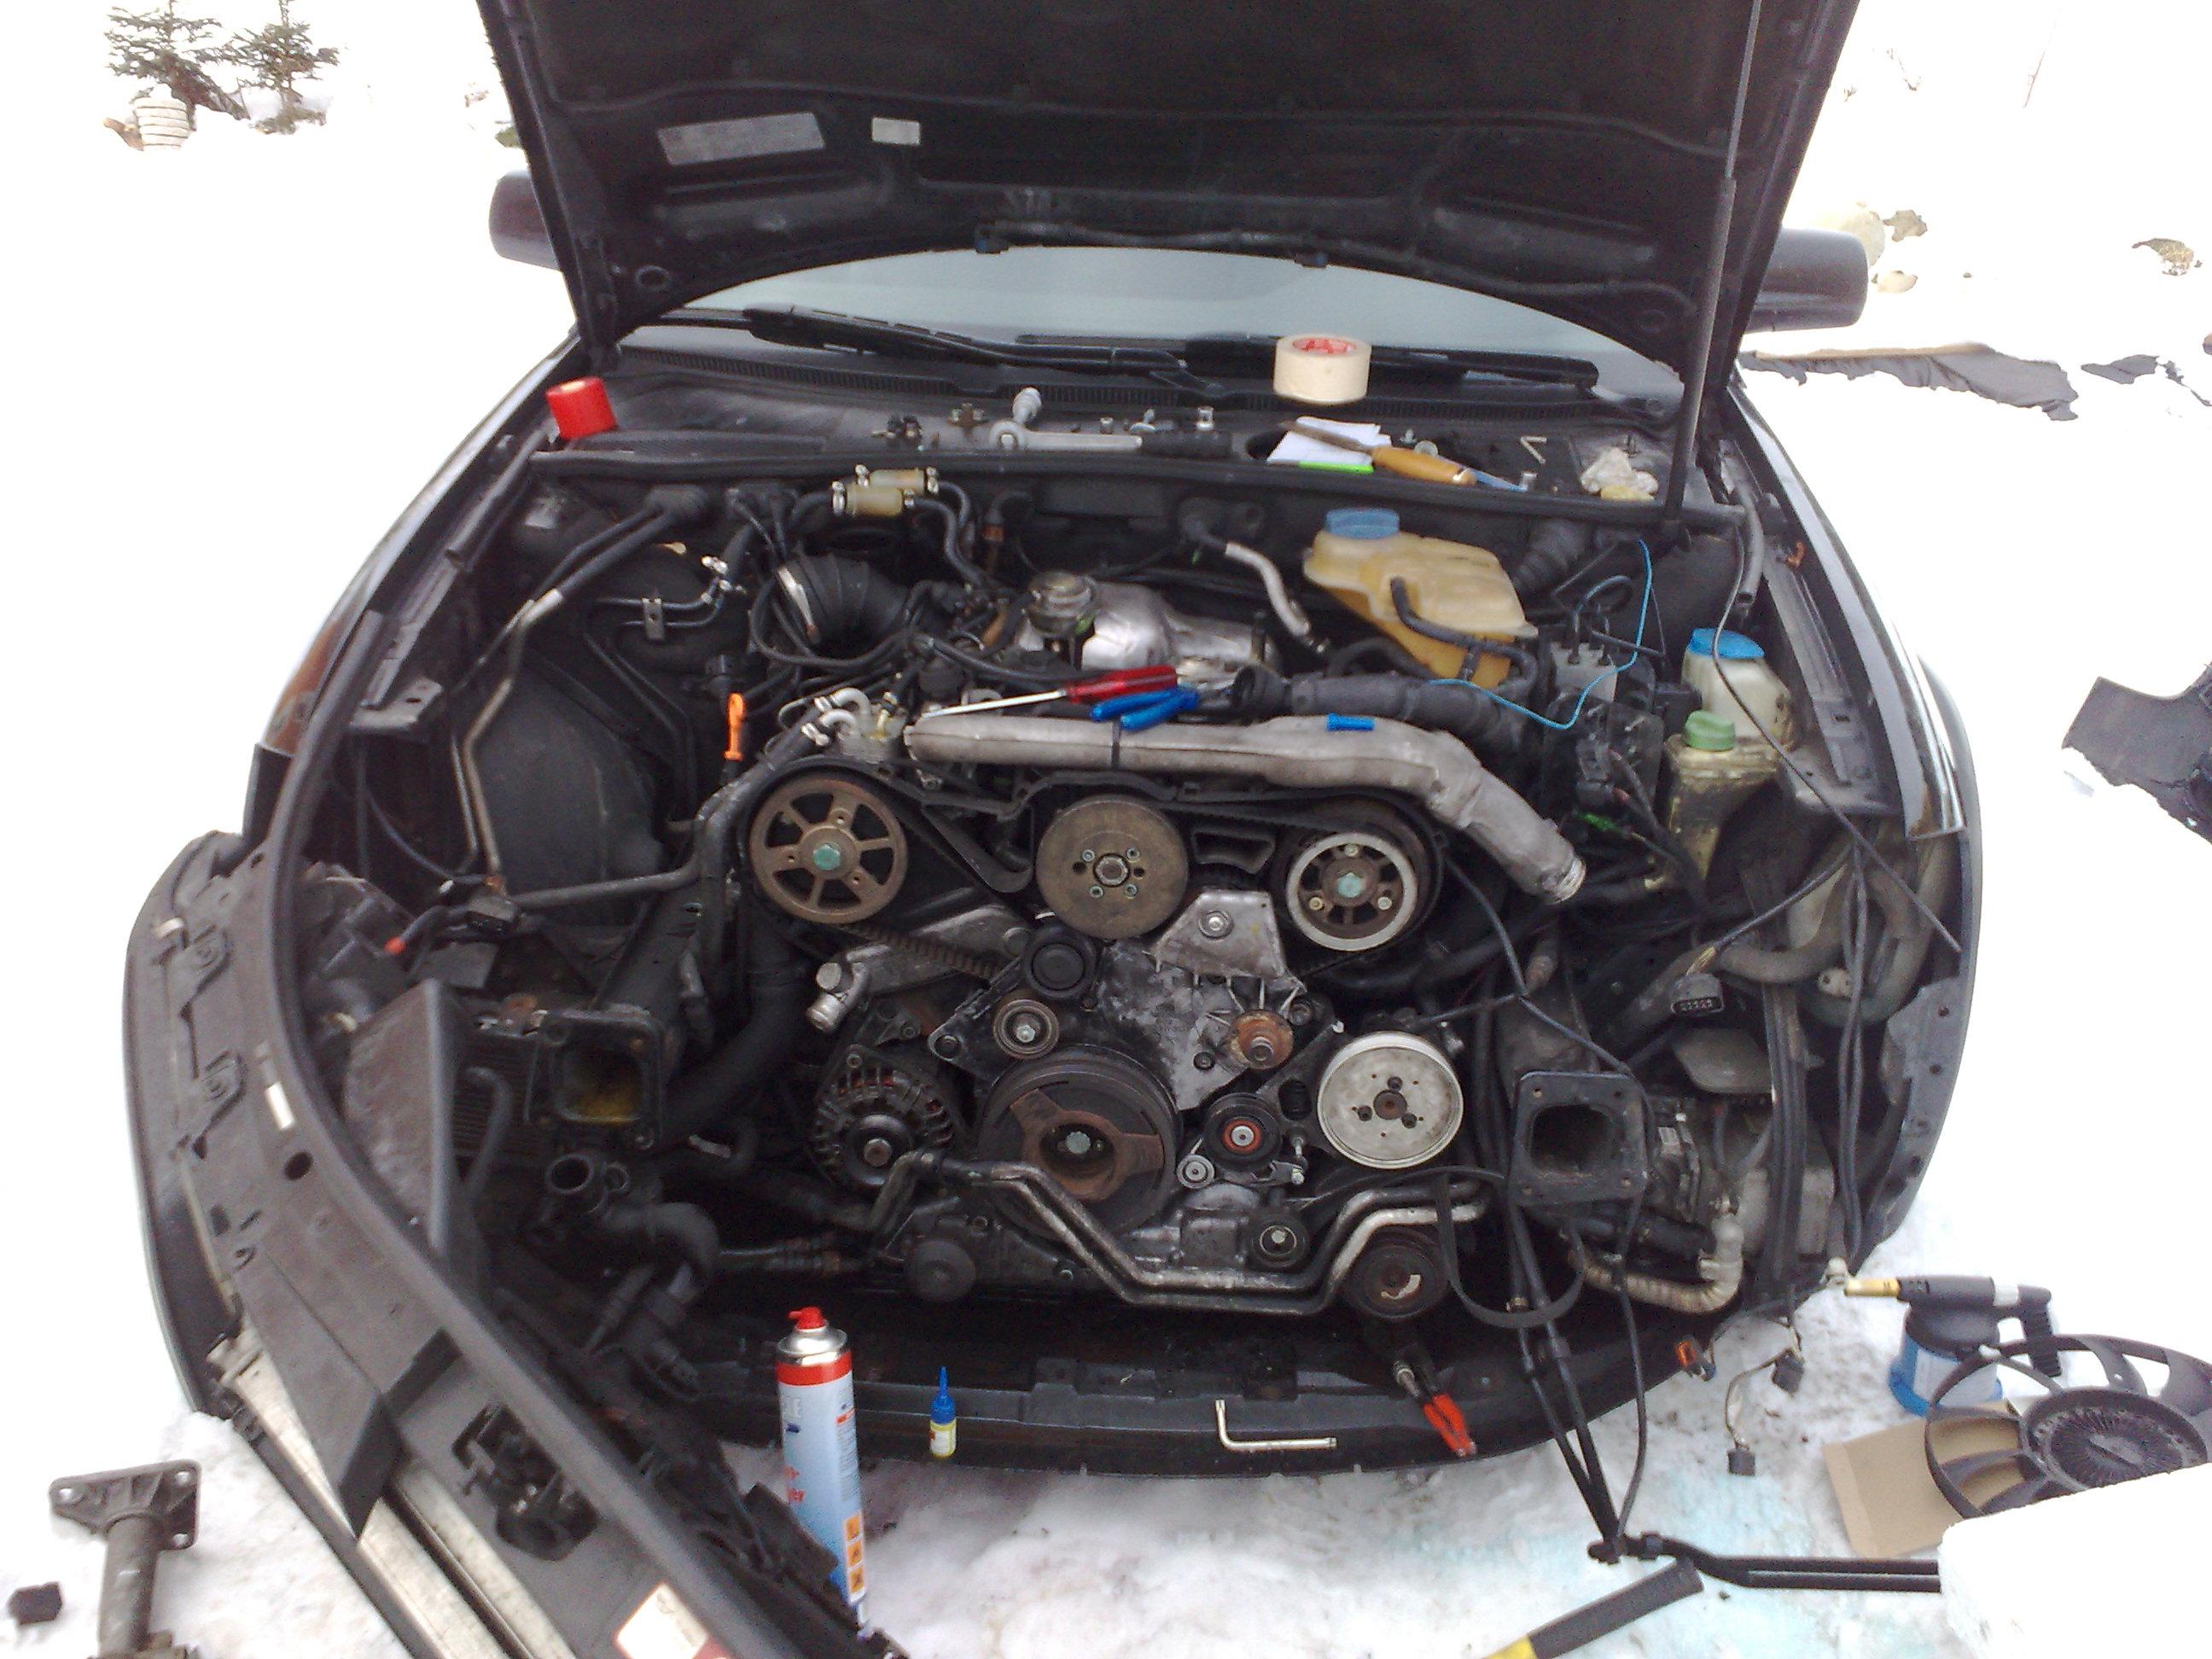 2 5 V6 Tdi Schraube Keilriemenspanner Abgerissen